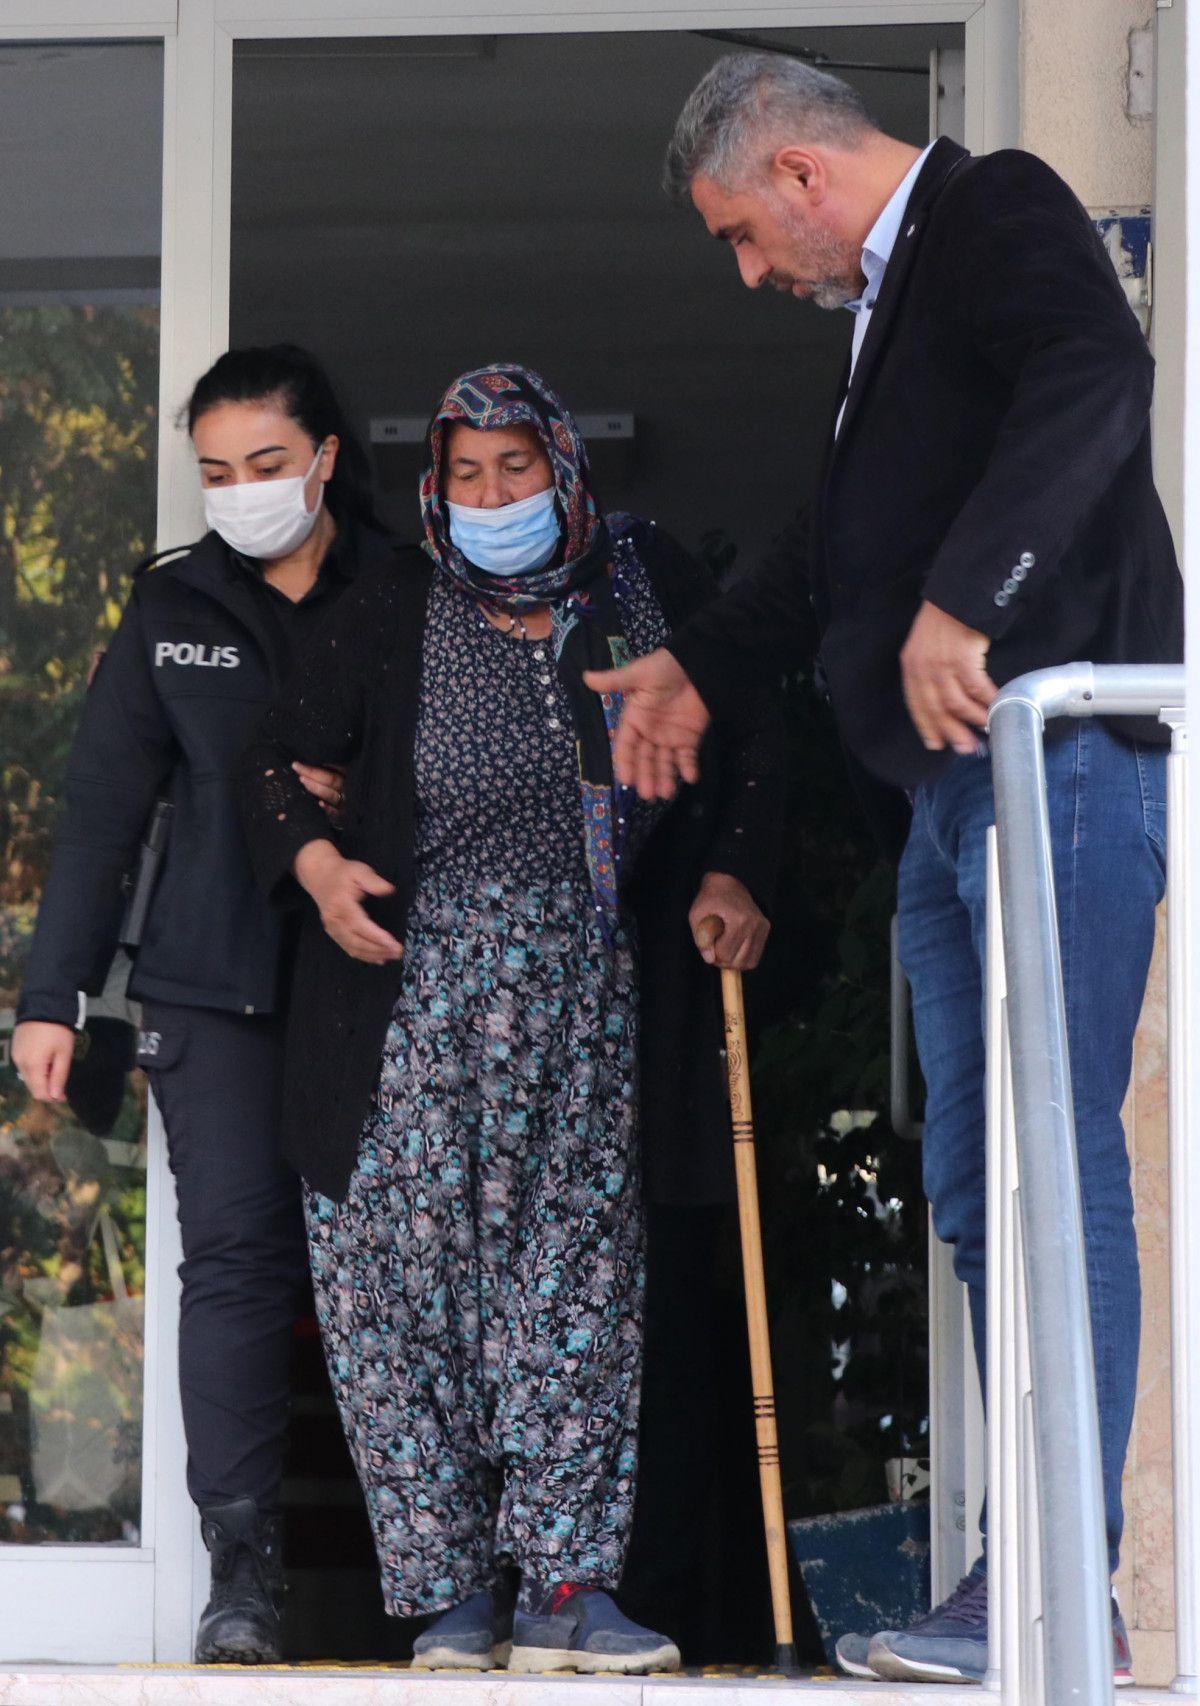 Kayseri de 4 yıl hapis cezasıyla aranan 67 yaşındaki kadın yakalandı #1